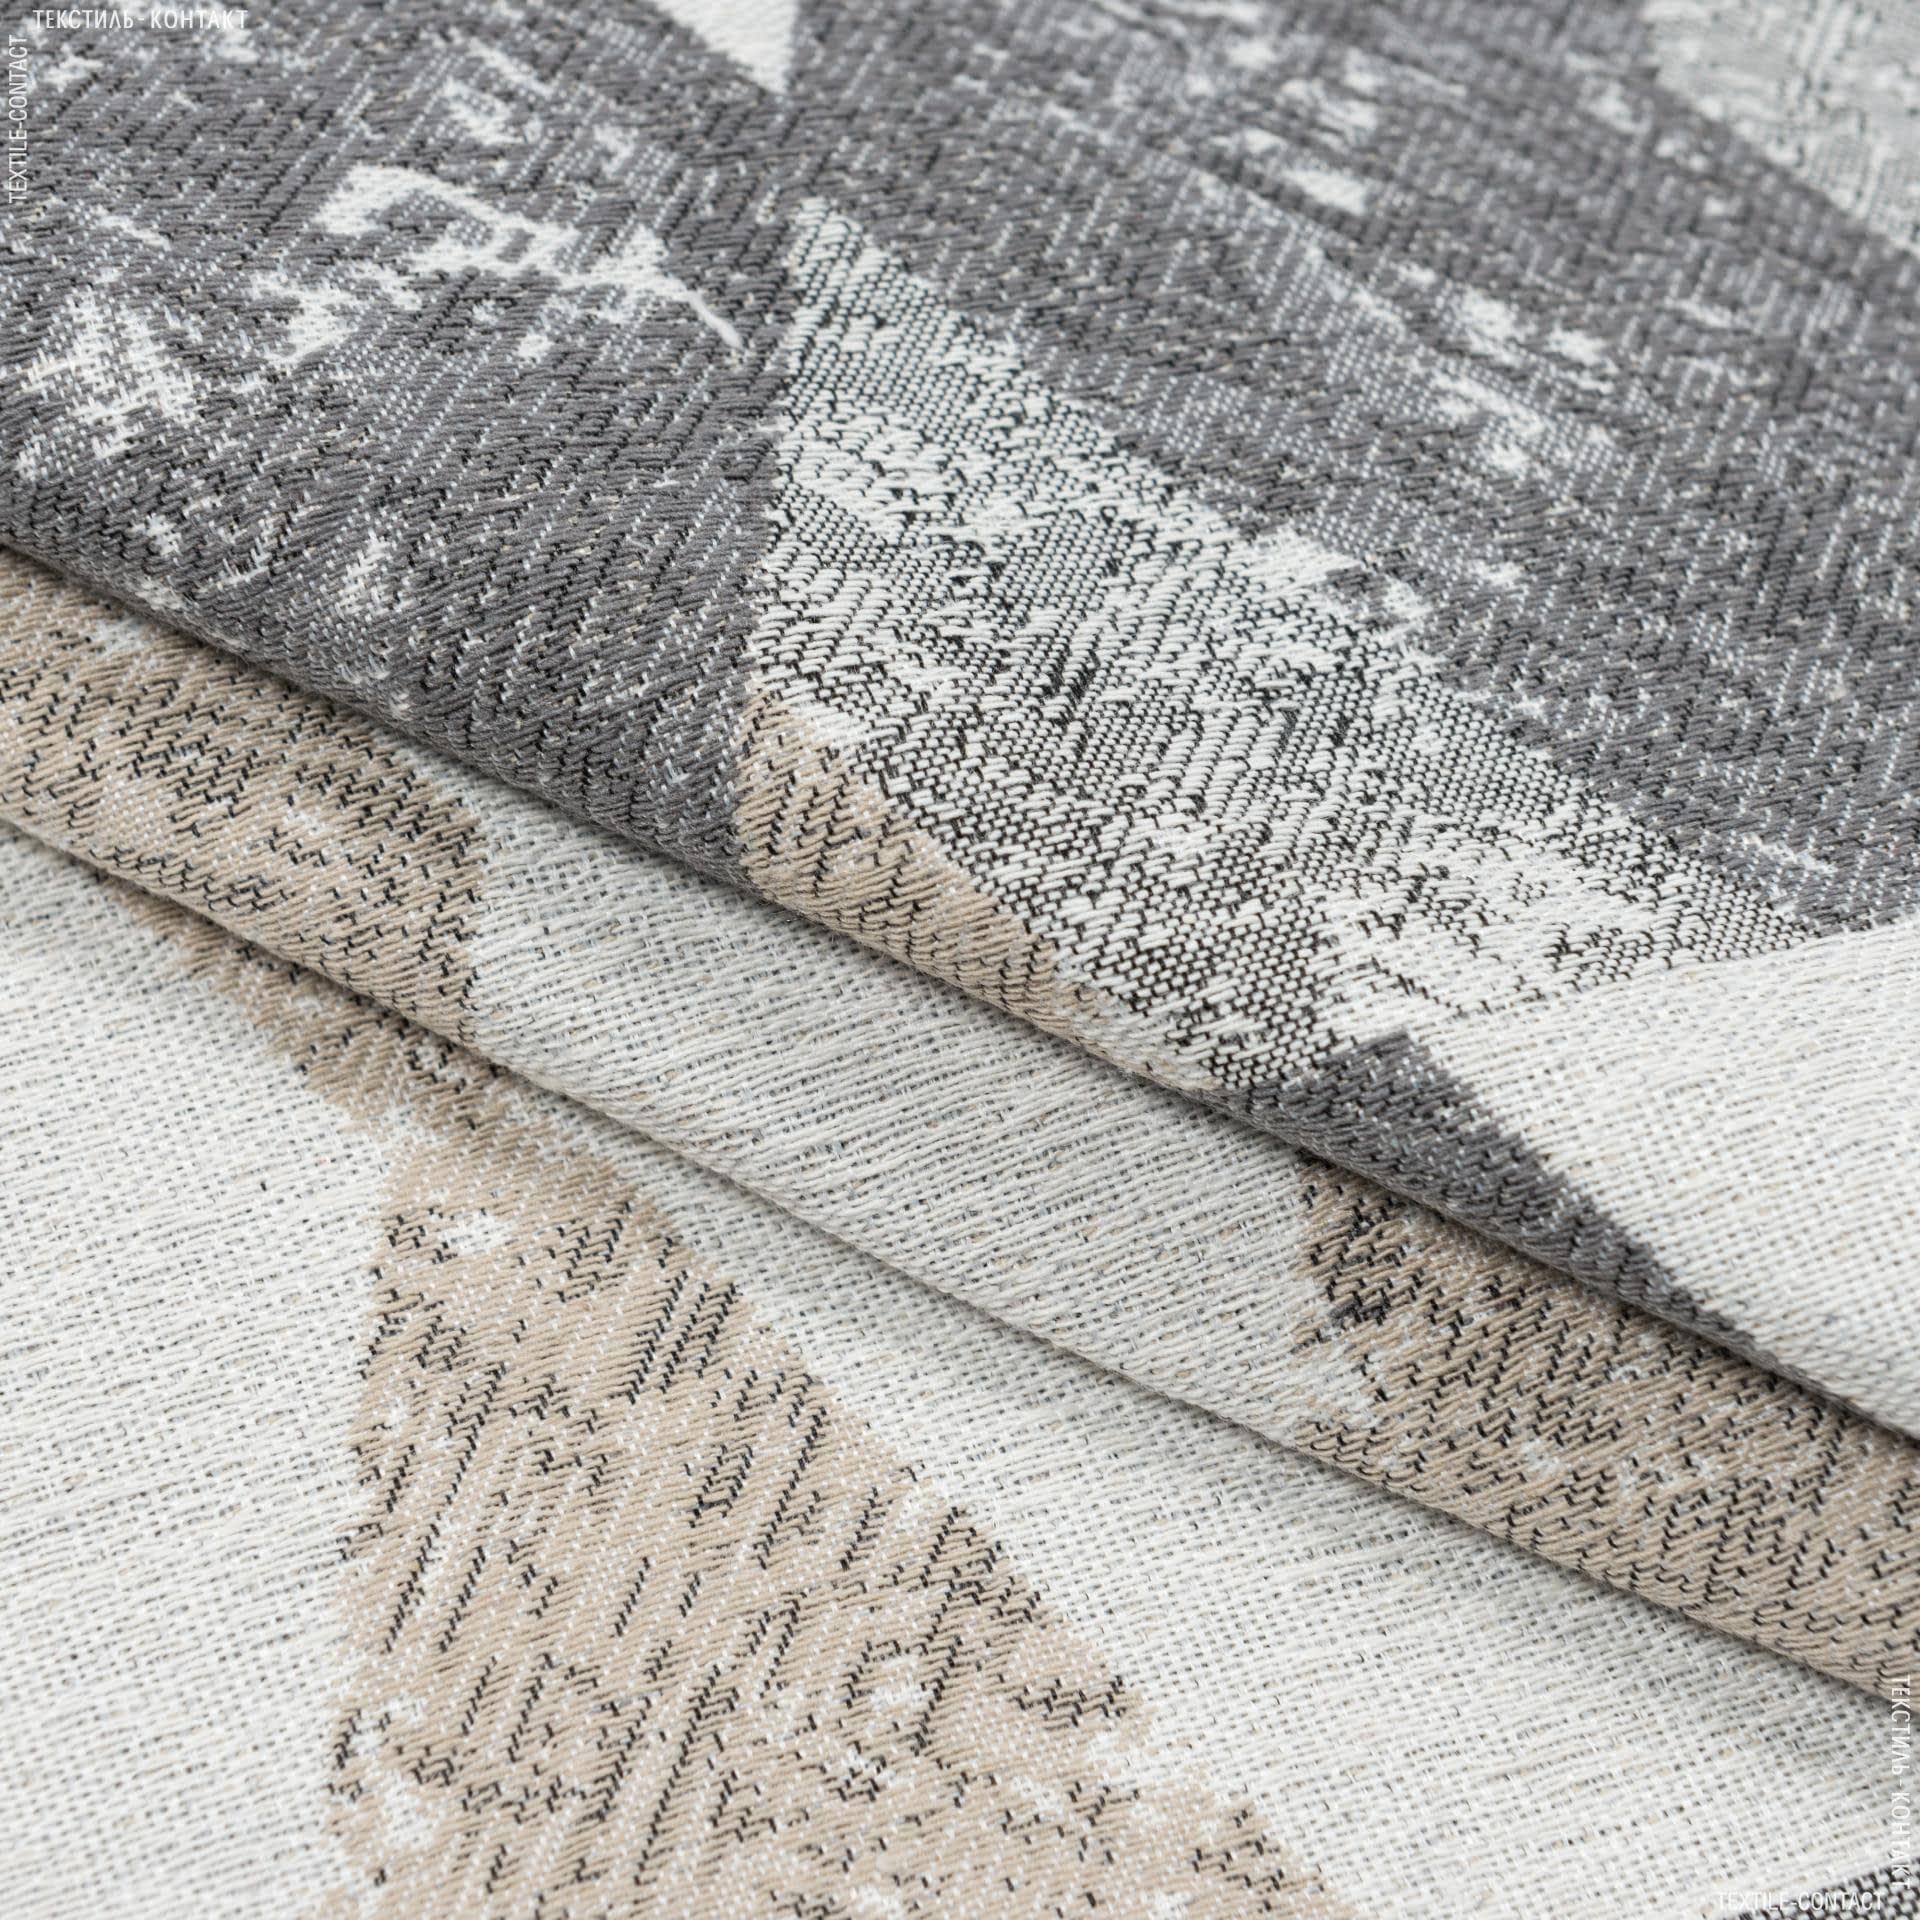 Ткани портьерные ткани - Жаккард ким /kim серый,беж